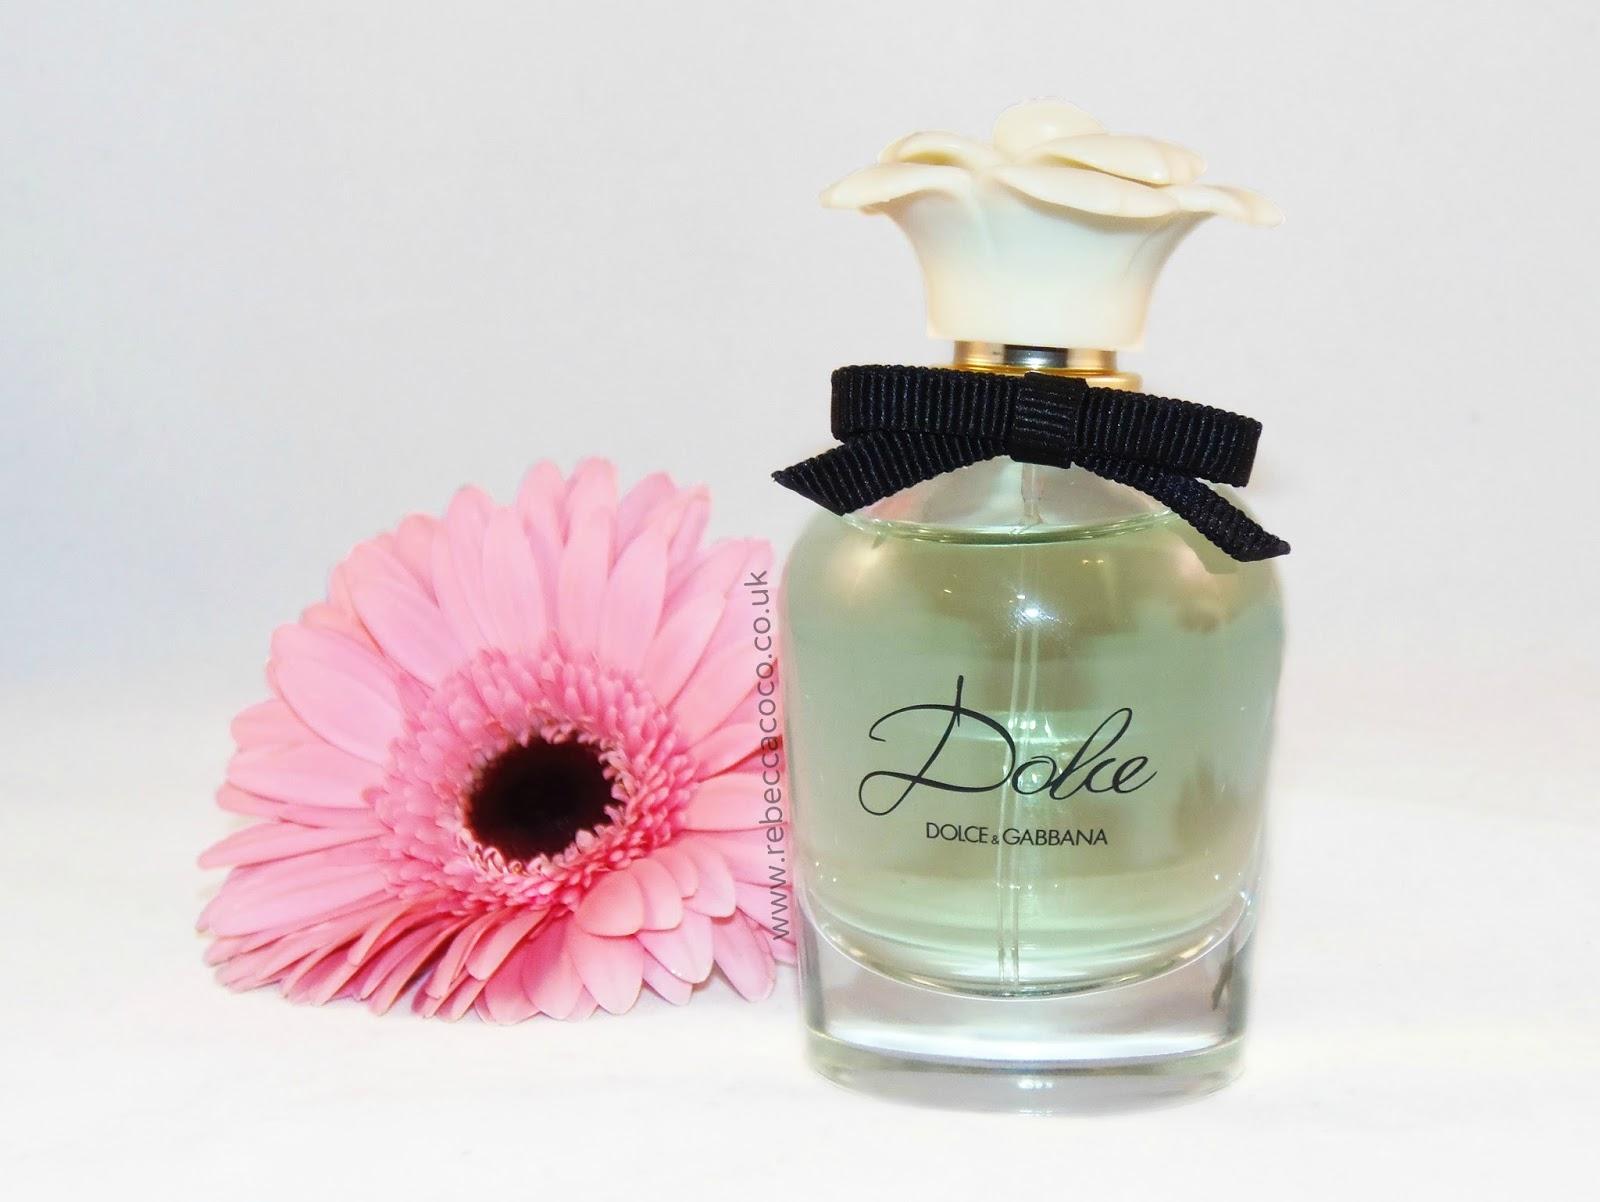 dolce eau de parfum by dolce gabbana review rebecca coco. Black Bedroom Furniture Sets. Home Design Ideas